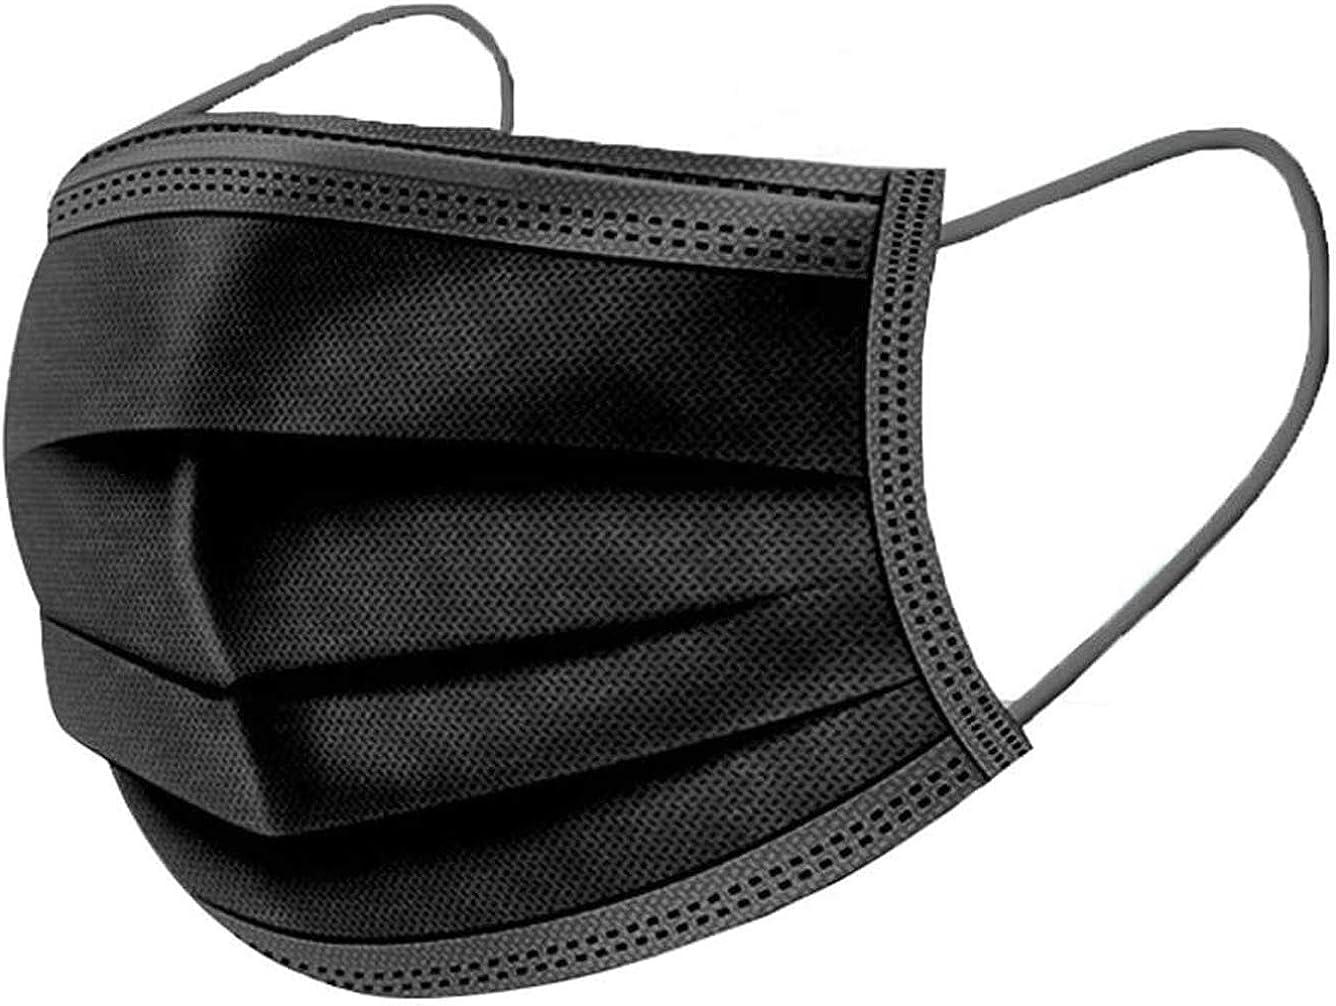 Langten 50 unidades, con ganchos elásticos para las orejas, almohadilla de protección sanitaria de filtro oral de 3 capas, tela no tejida para garantizar una ventilación segura (negro)